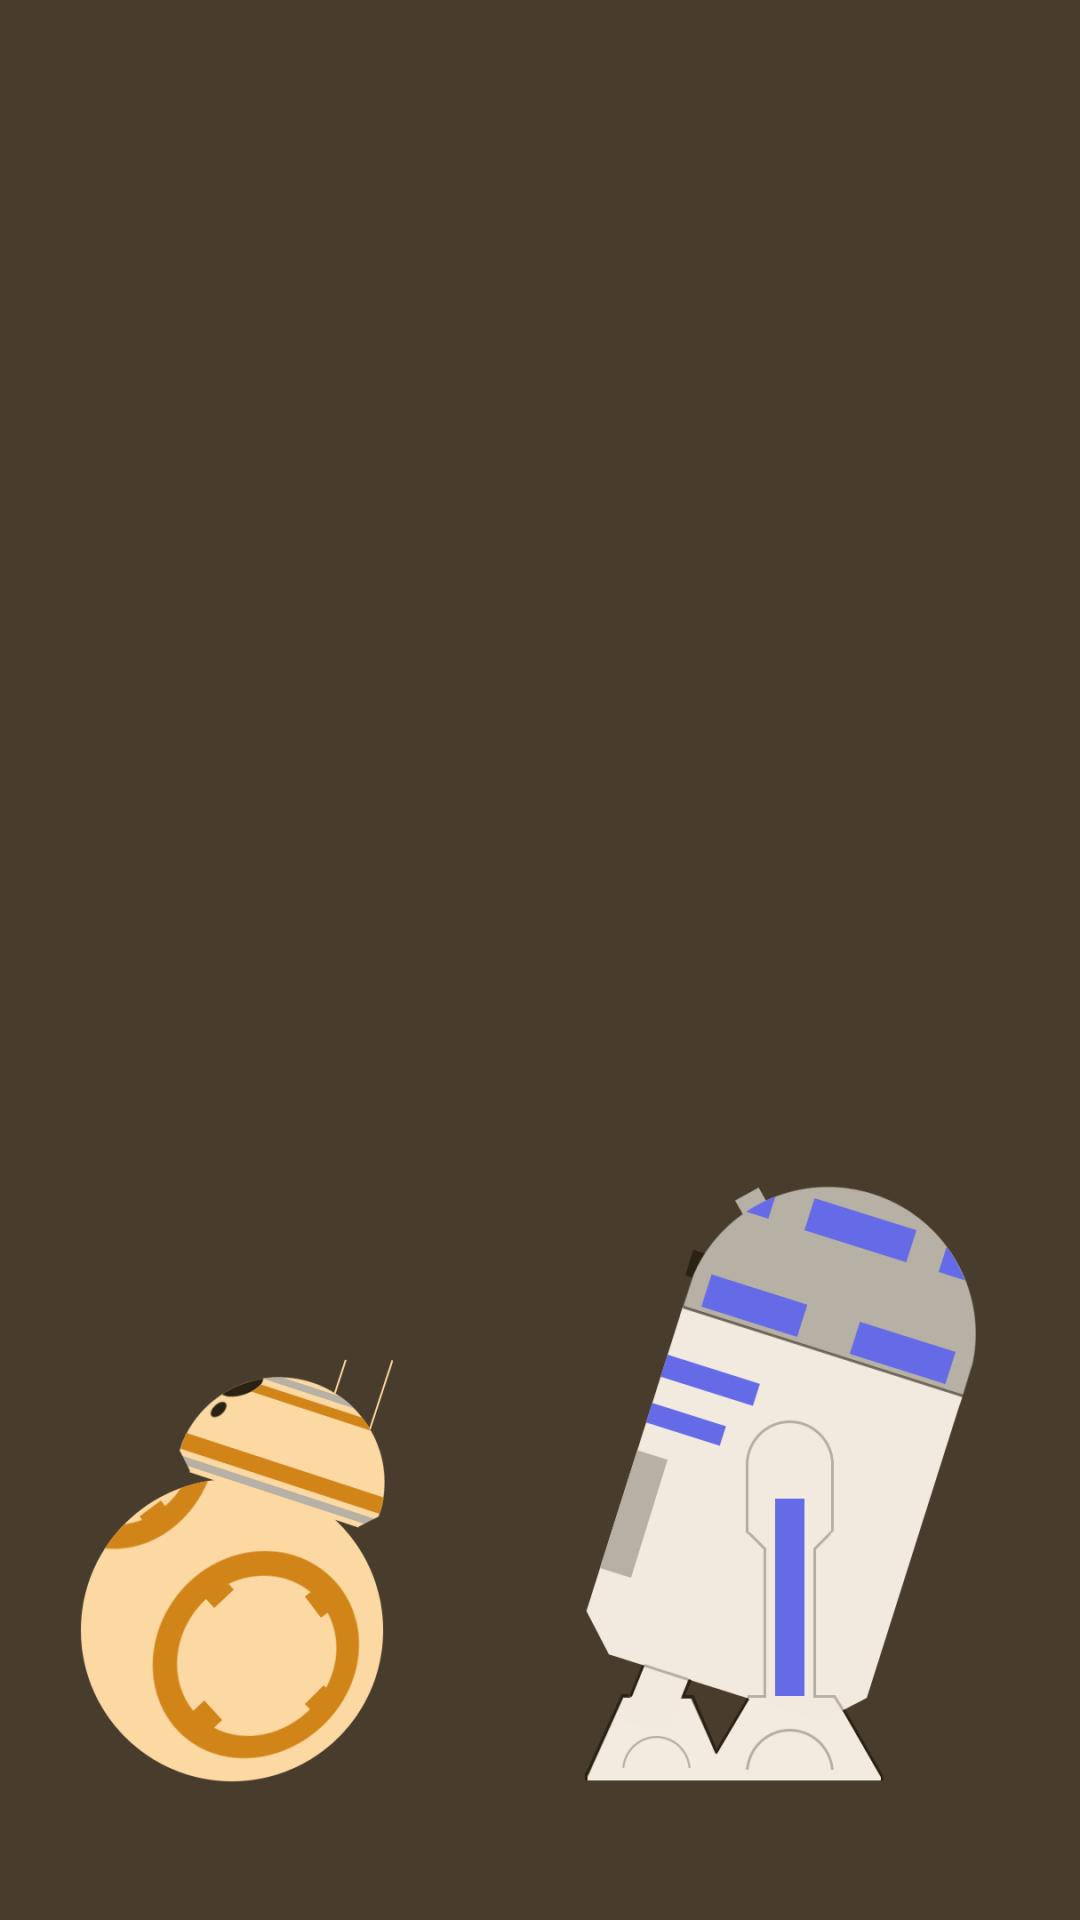 iphone 6 - sci fi/star wars - wallpaper id: 599637